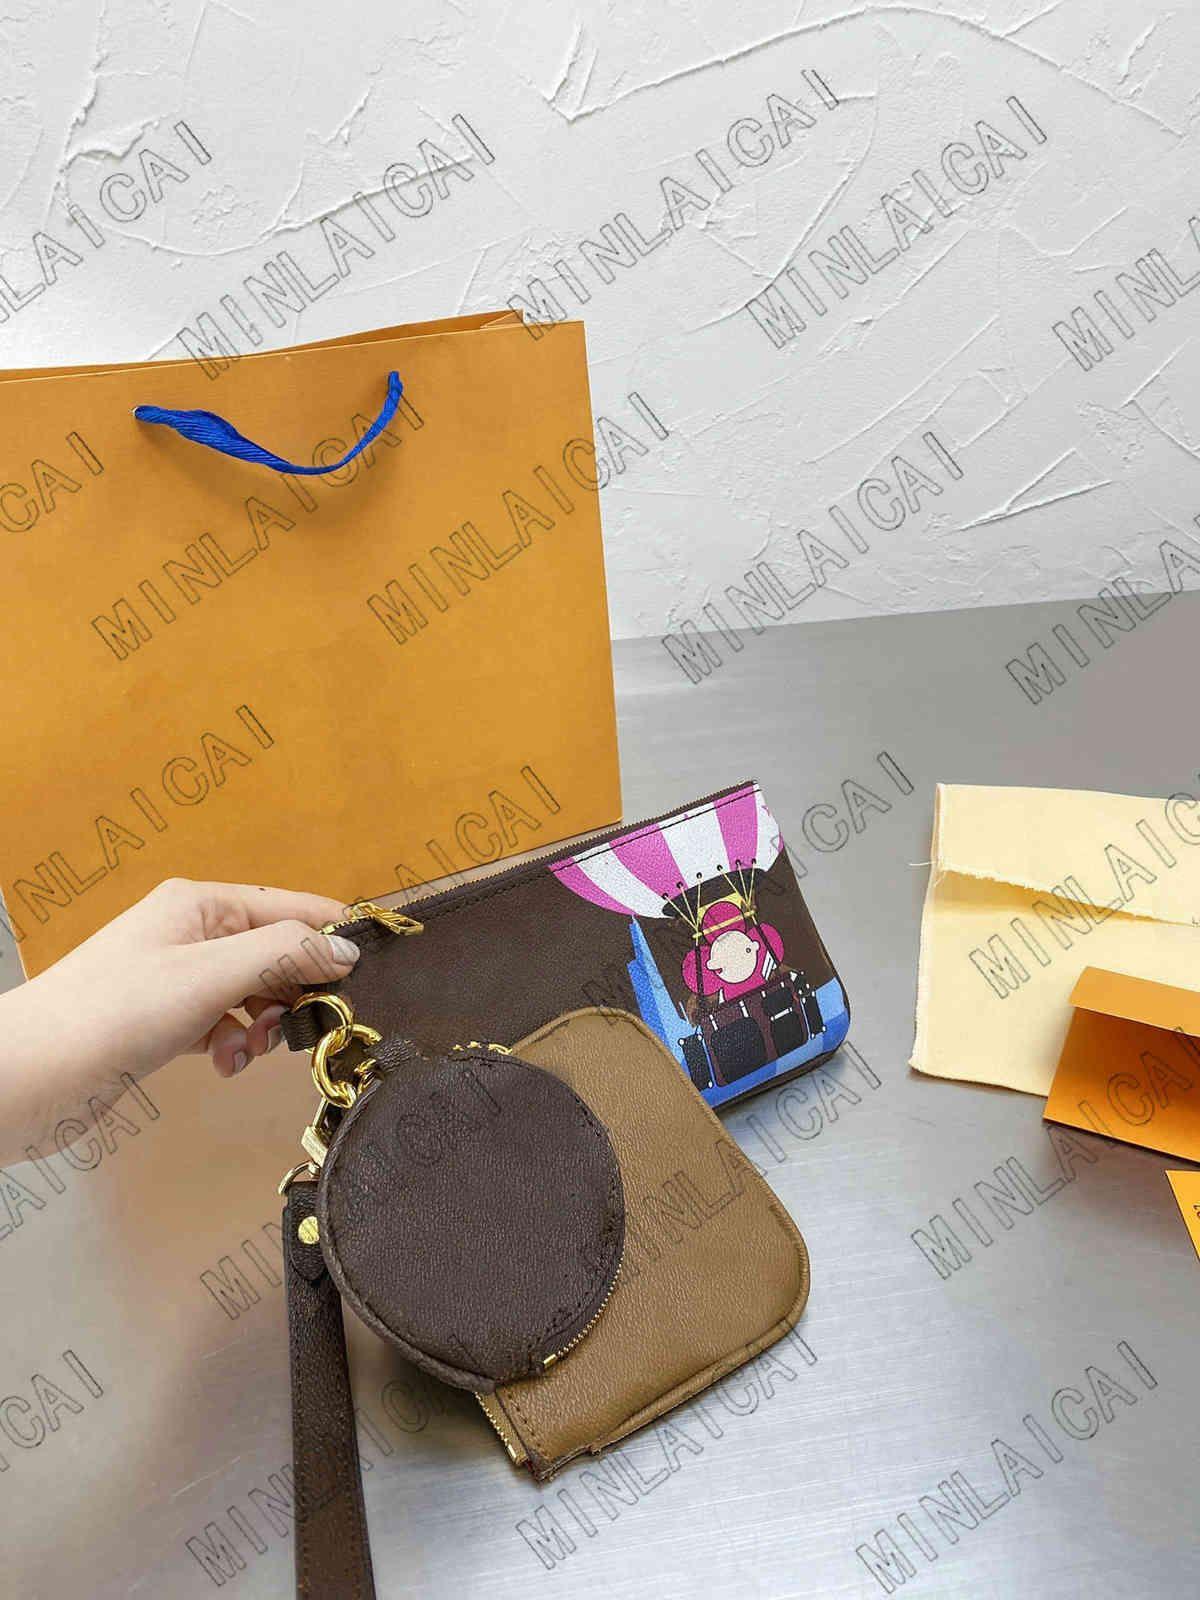 حقيبة يد مصمم حقائب يد نسائية مصممي أكياس مصممي 2021 عالية الجودة حقيبة كروسبودي Zhouzhoubao123 محفظة محفظة M80407 Trio Pouch 3 Piec 3 Piec